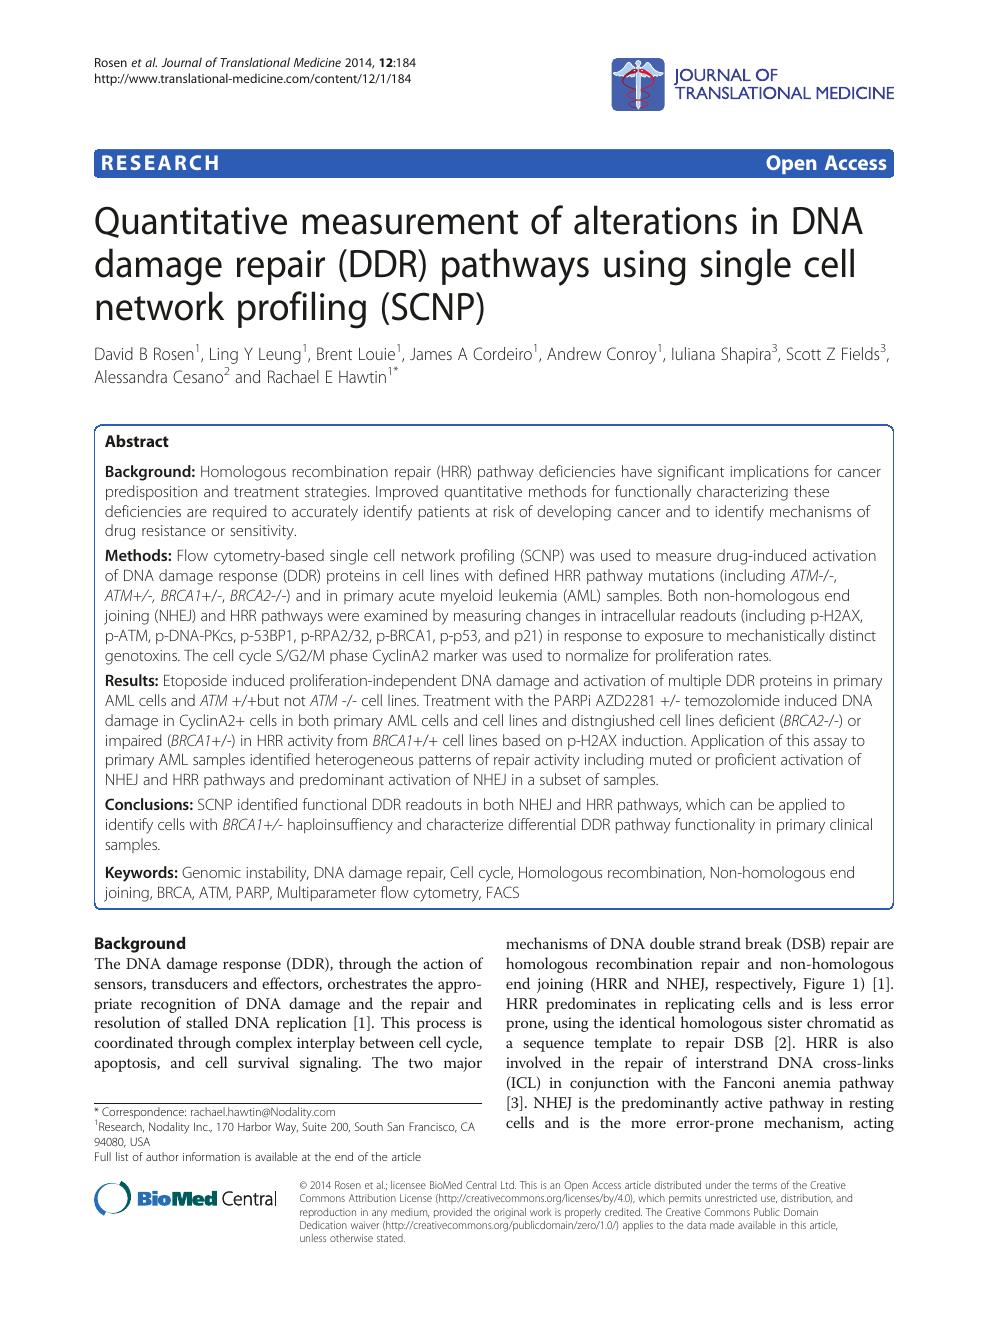 Quantitative measurement of alterations in DNA damage repair